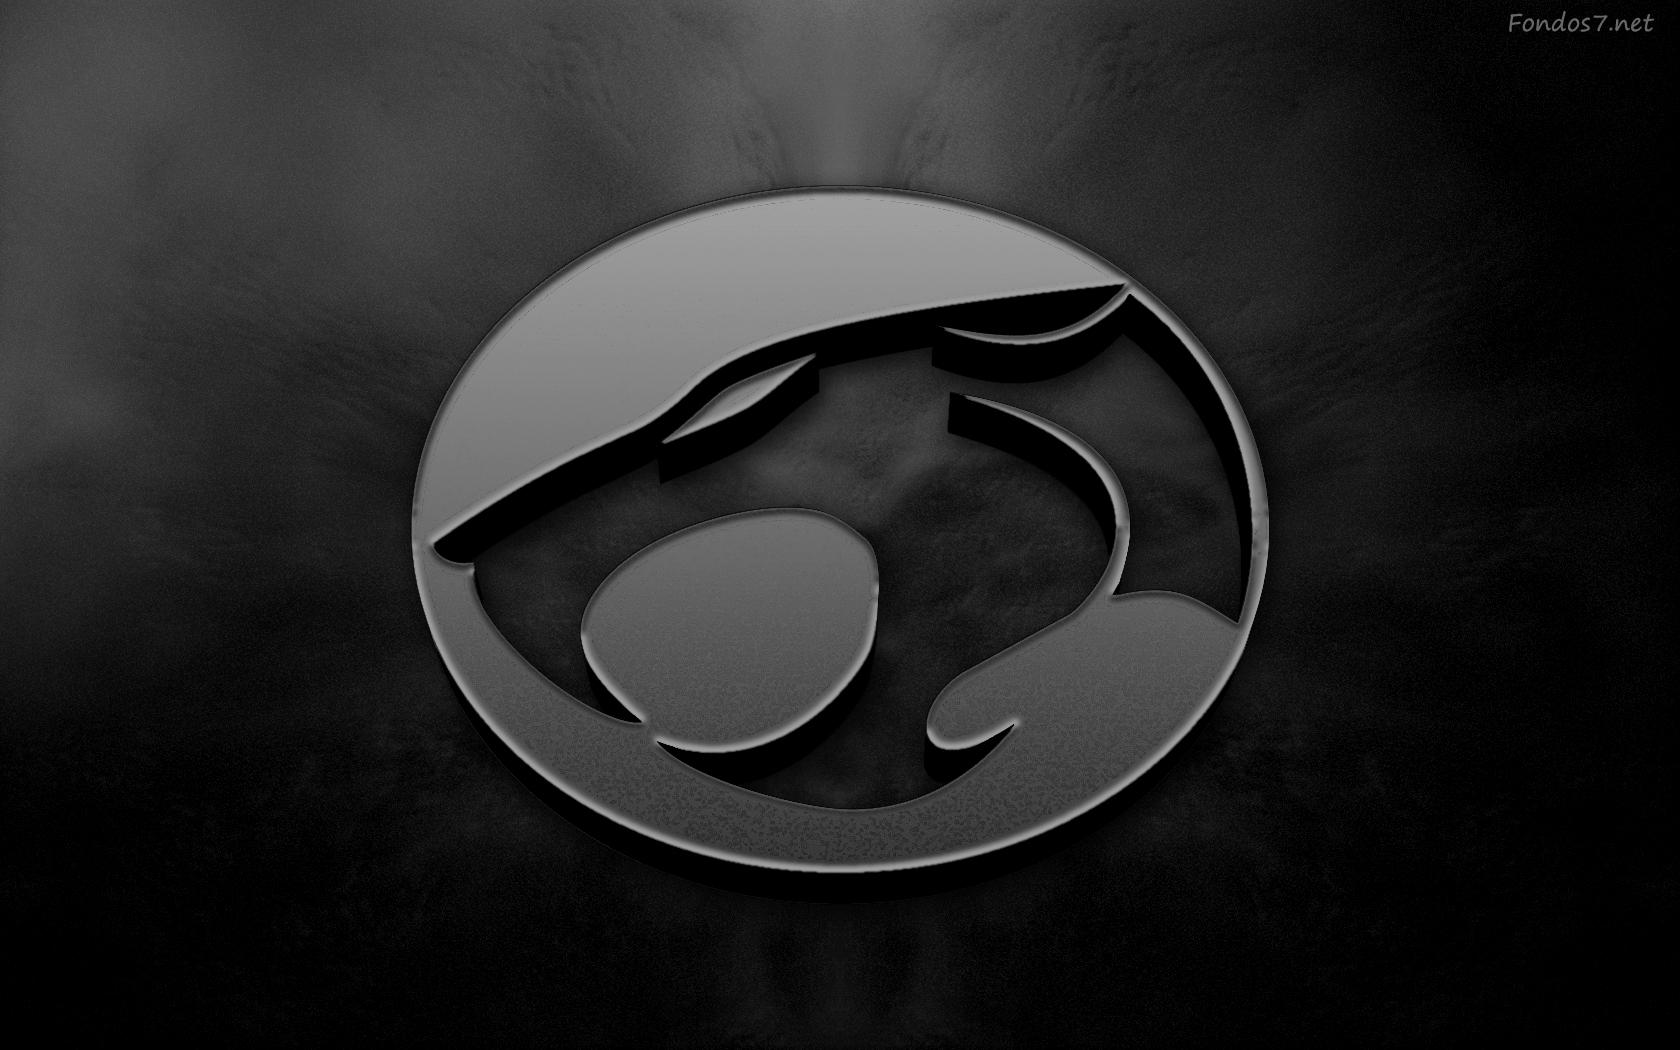 Descargar Fondos de pantalla thundercats logo hd widescreen Gratis 1680x1050